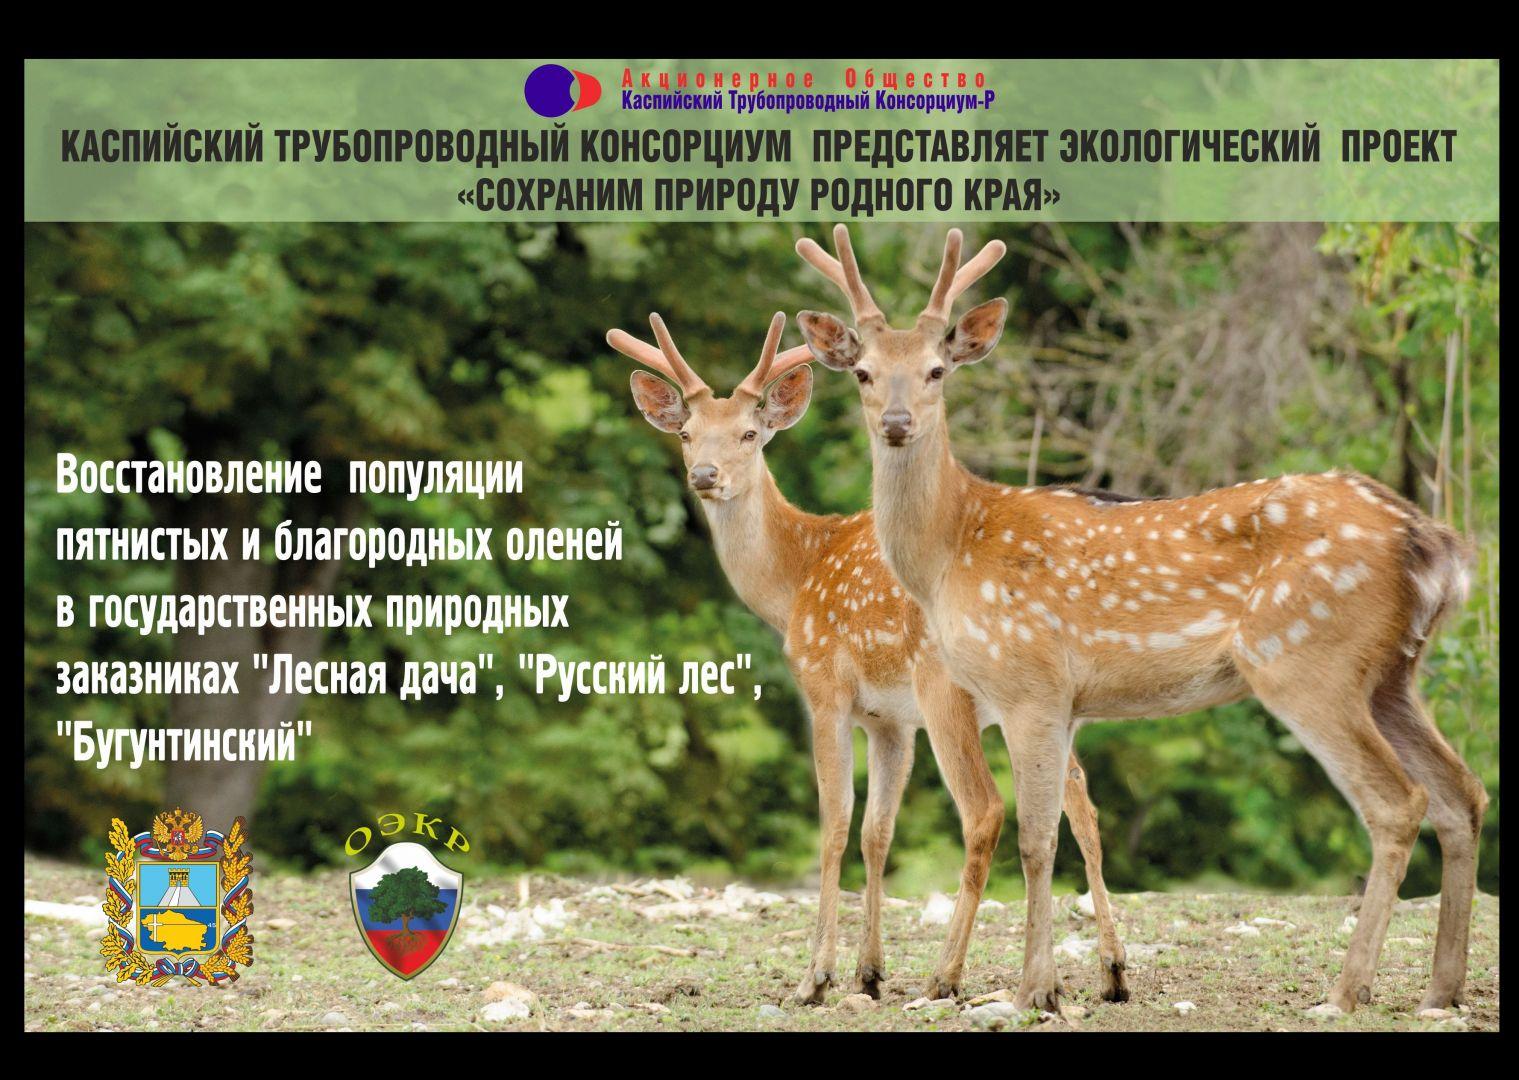 В Ставропольском крае реализуется экопроект «Сохраним природу родного края»